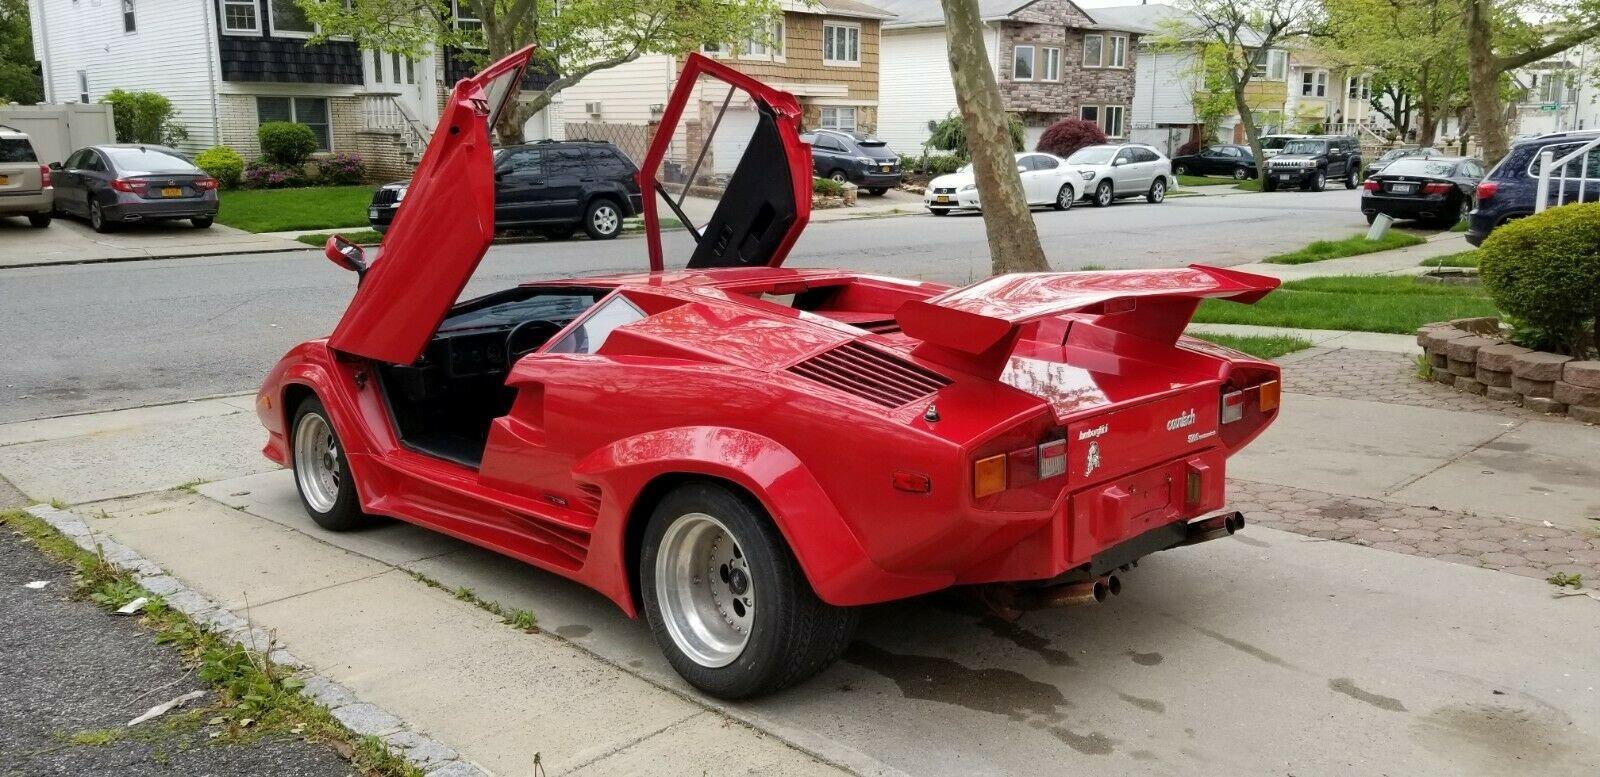 1988 Lamborghini Countach Replica by KMC Easton For Sale (picture 5 of 5)